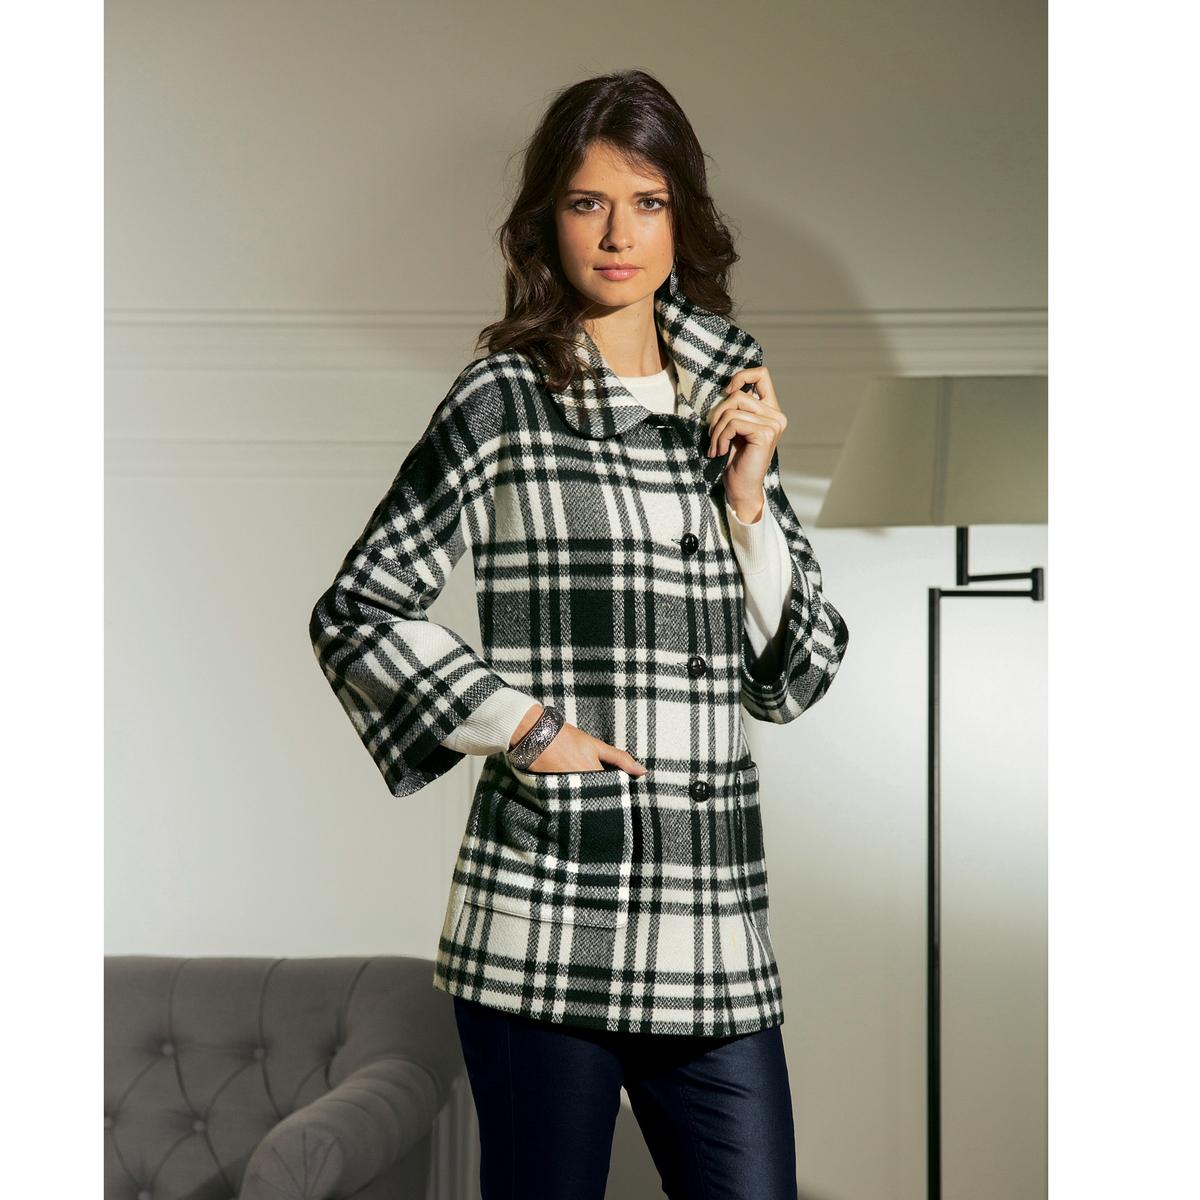 Пальто короткоеКороткое изысканное и модное пальто, идеально смотрится поверх маленького черного платья, добавляет элегантности в наряд с джинсами. Рубашечный воротник. 2 накладных кармана с прорезями с имитацией под кожу. Рукава 7/8. Драп: 35% шерсти, 55% полиэстера, 10% других волокон.Подкладка из полиэстера. Длина ок. 73 см.<br><br>Цвет: в клетку белый/черный